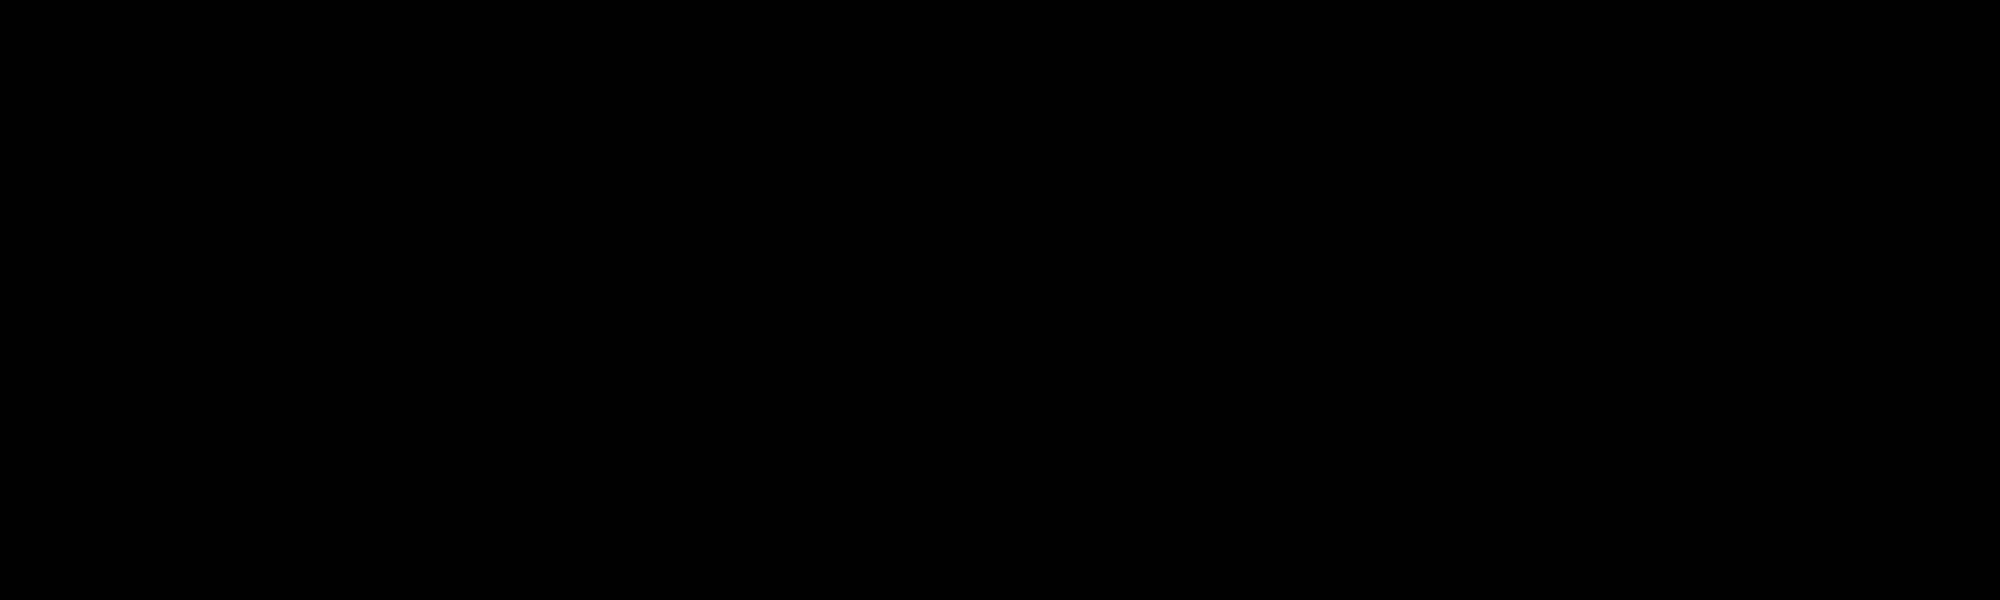 июле картинки с надписью немецкий вышеописанные модели